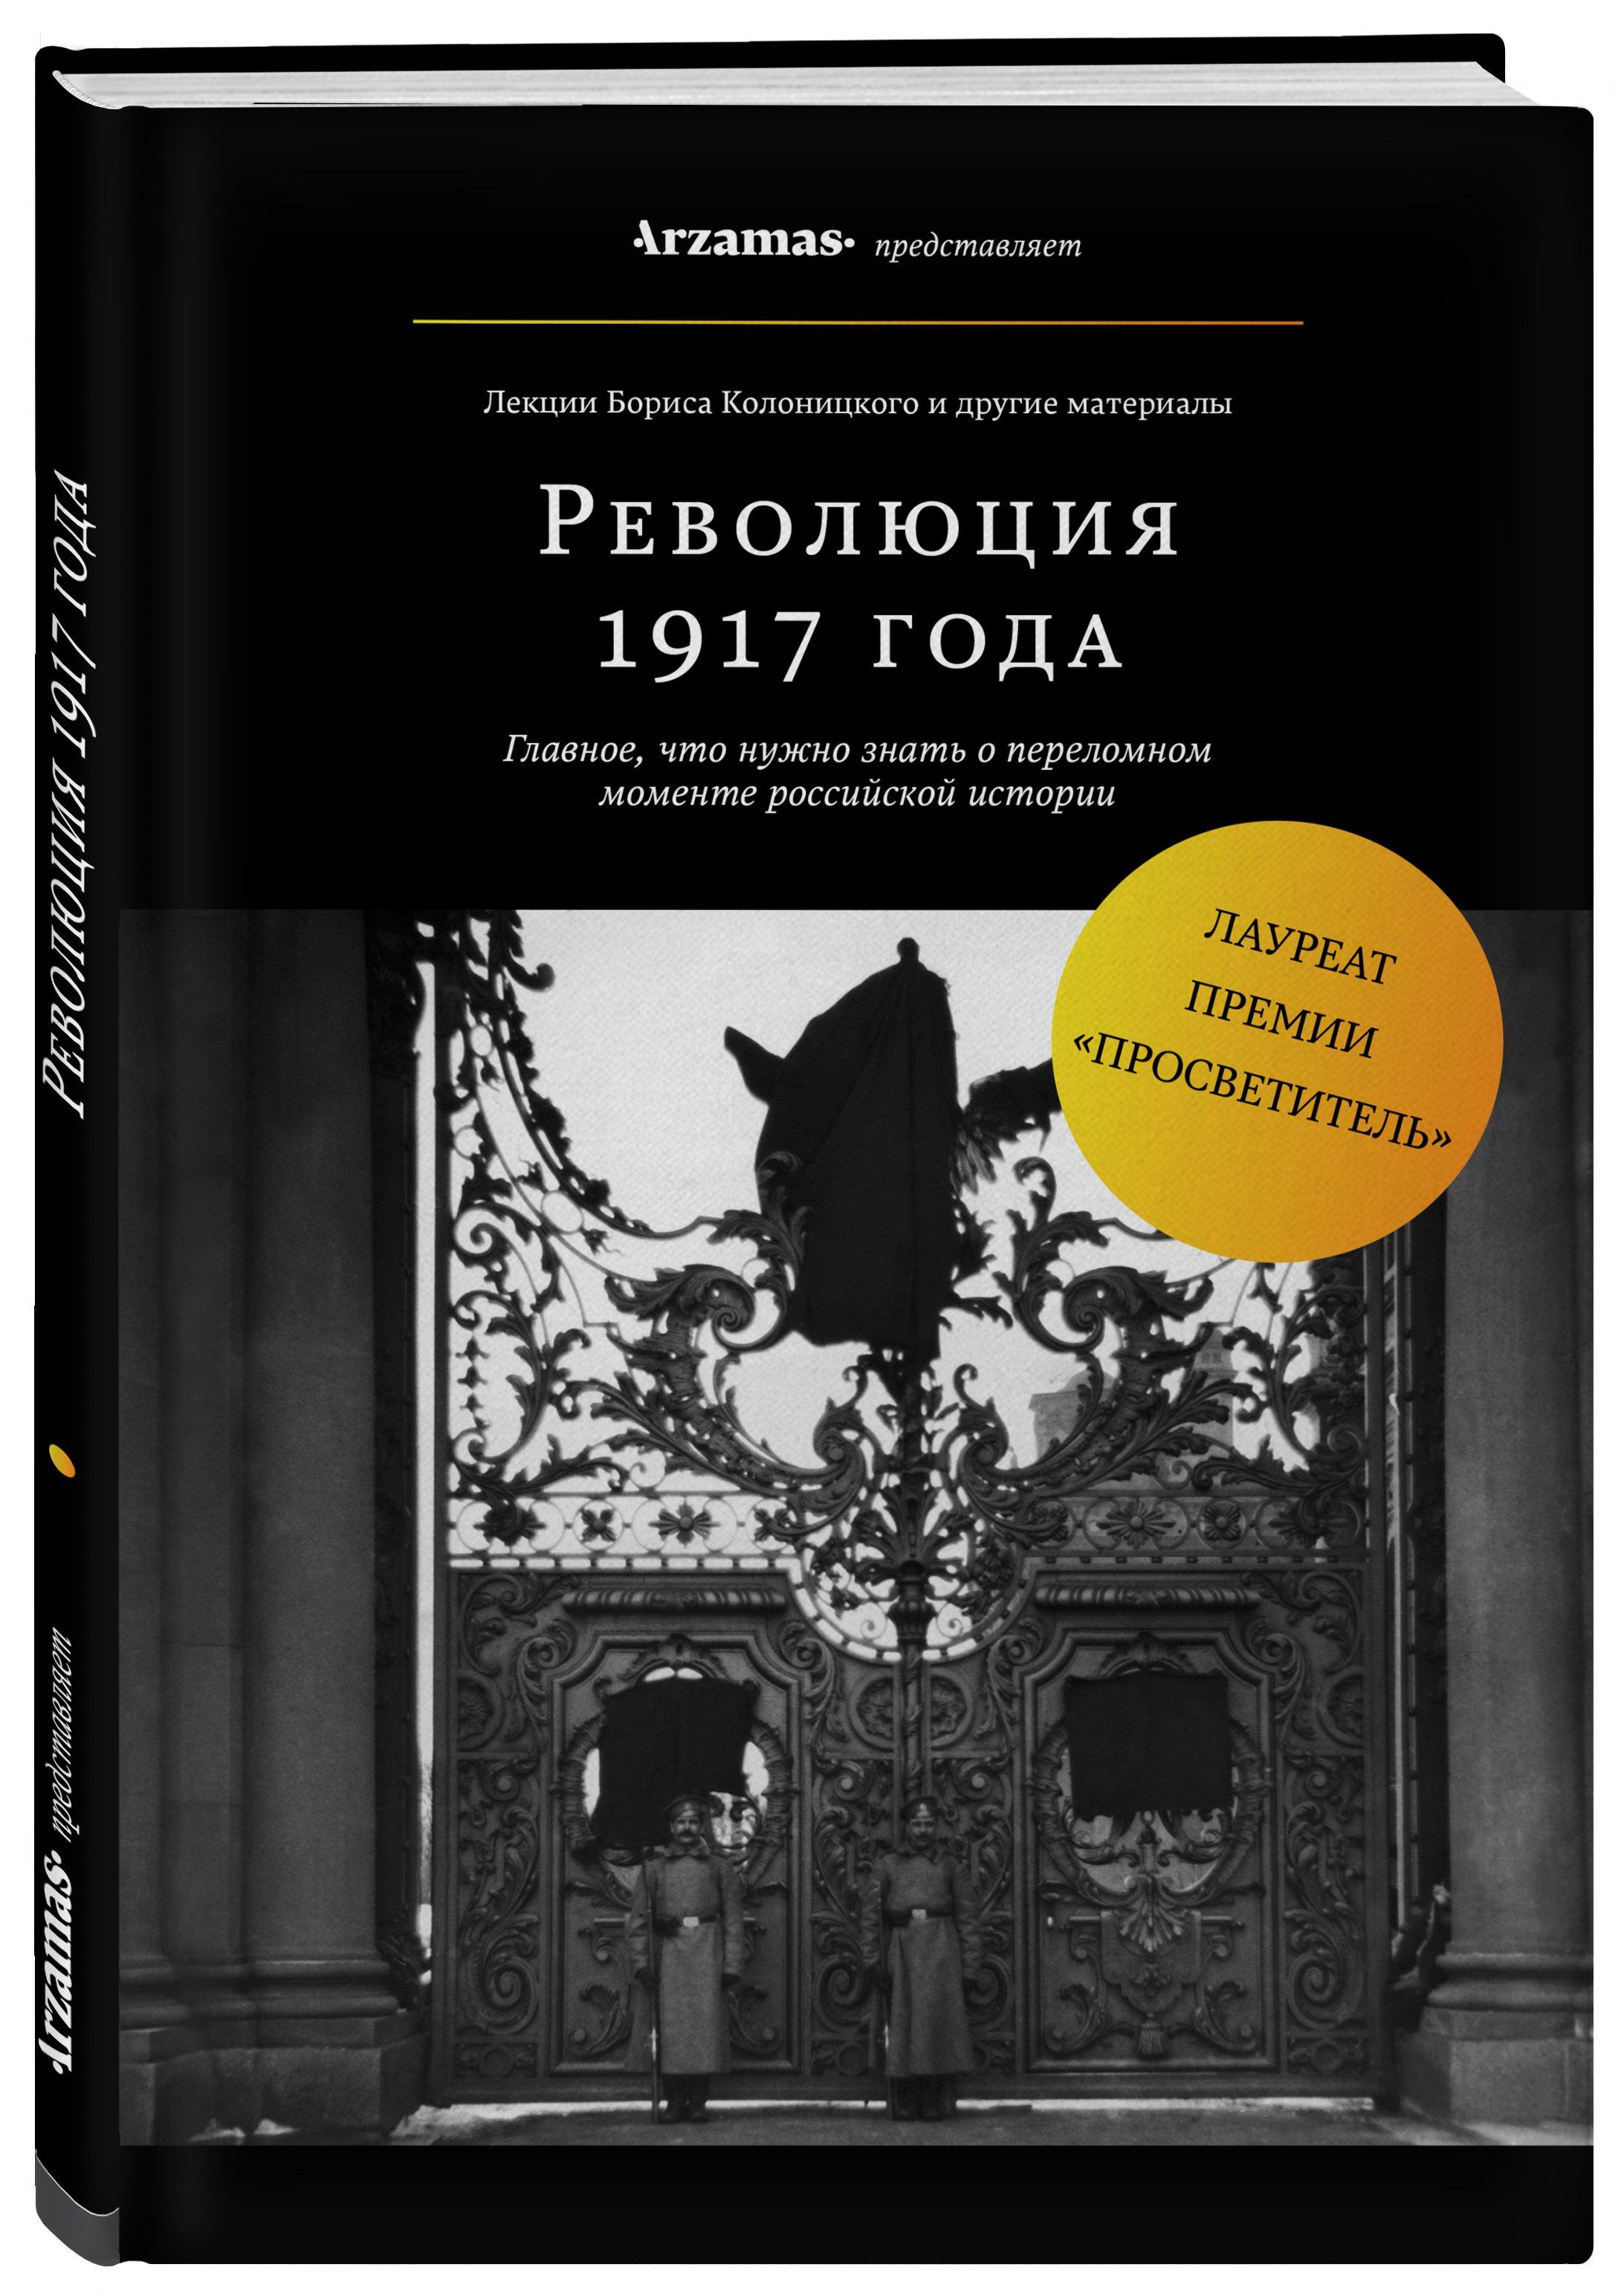 Колоницкий Борис Иванович Революция 1917 года колоницкий б революция 1917 года главное что нужно знать о переломном моменте российской истории